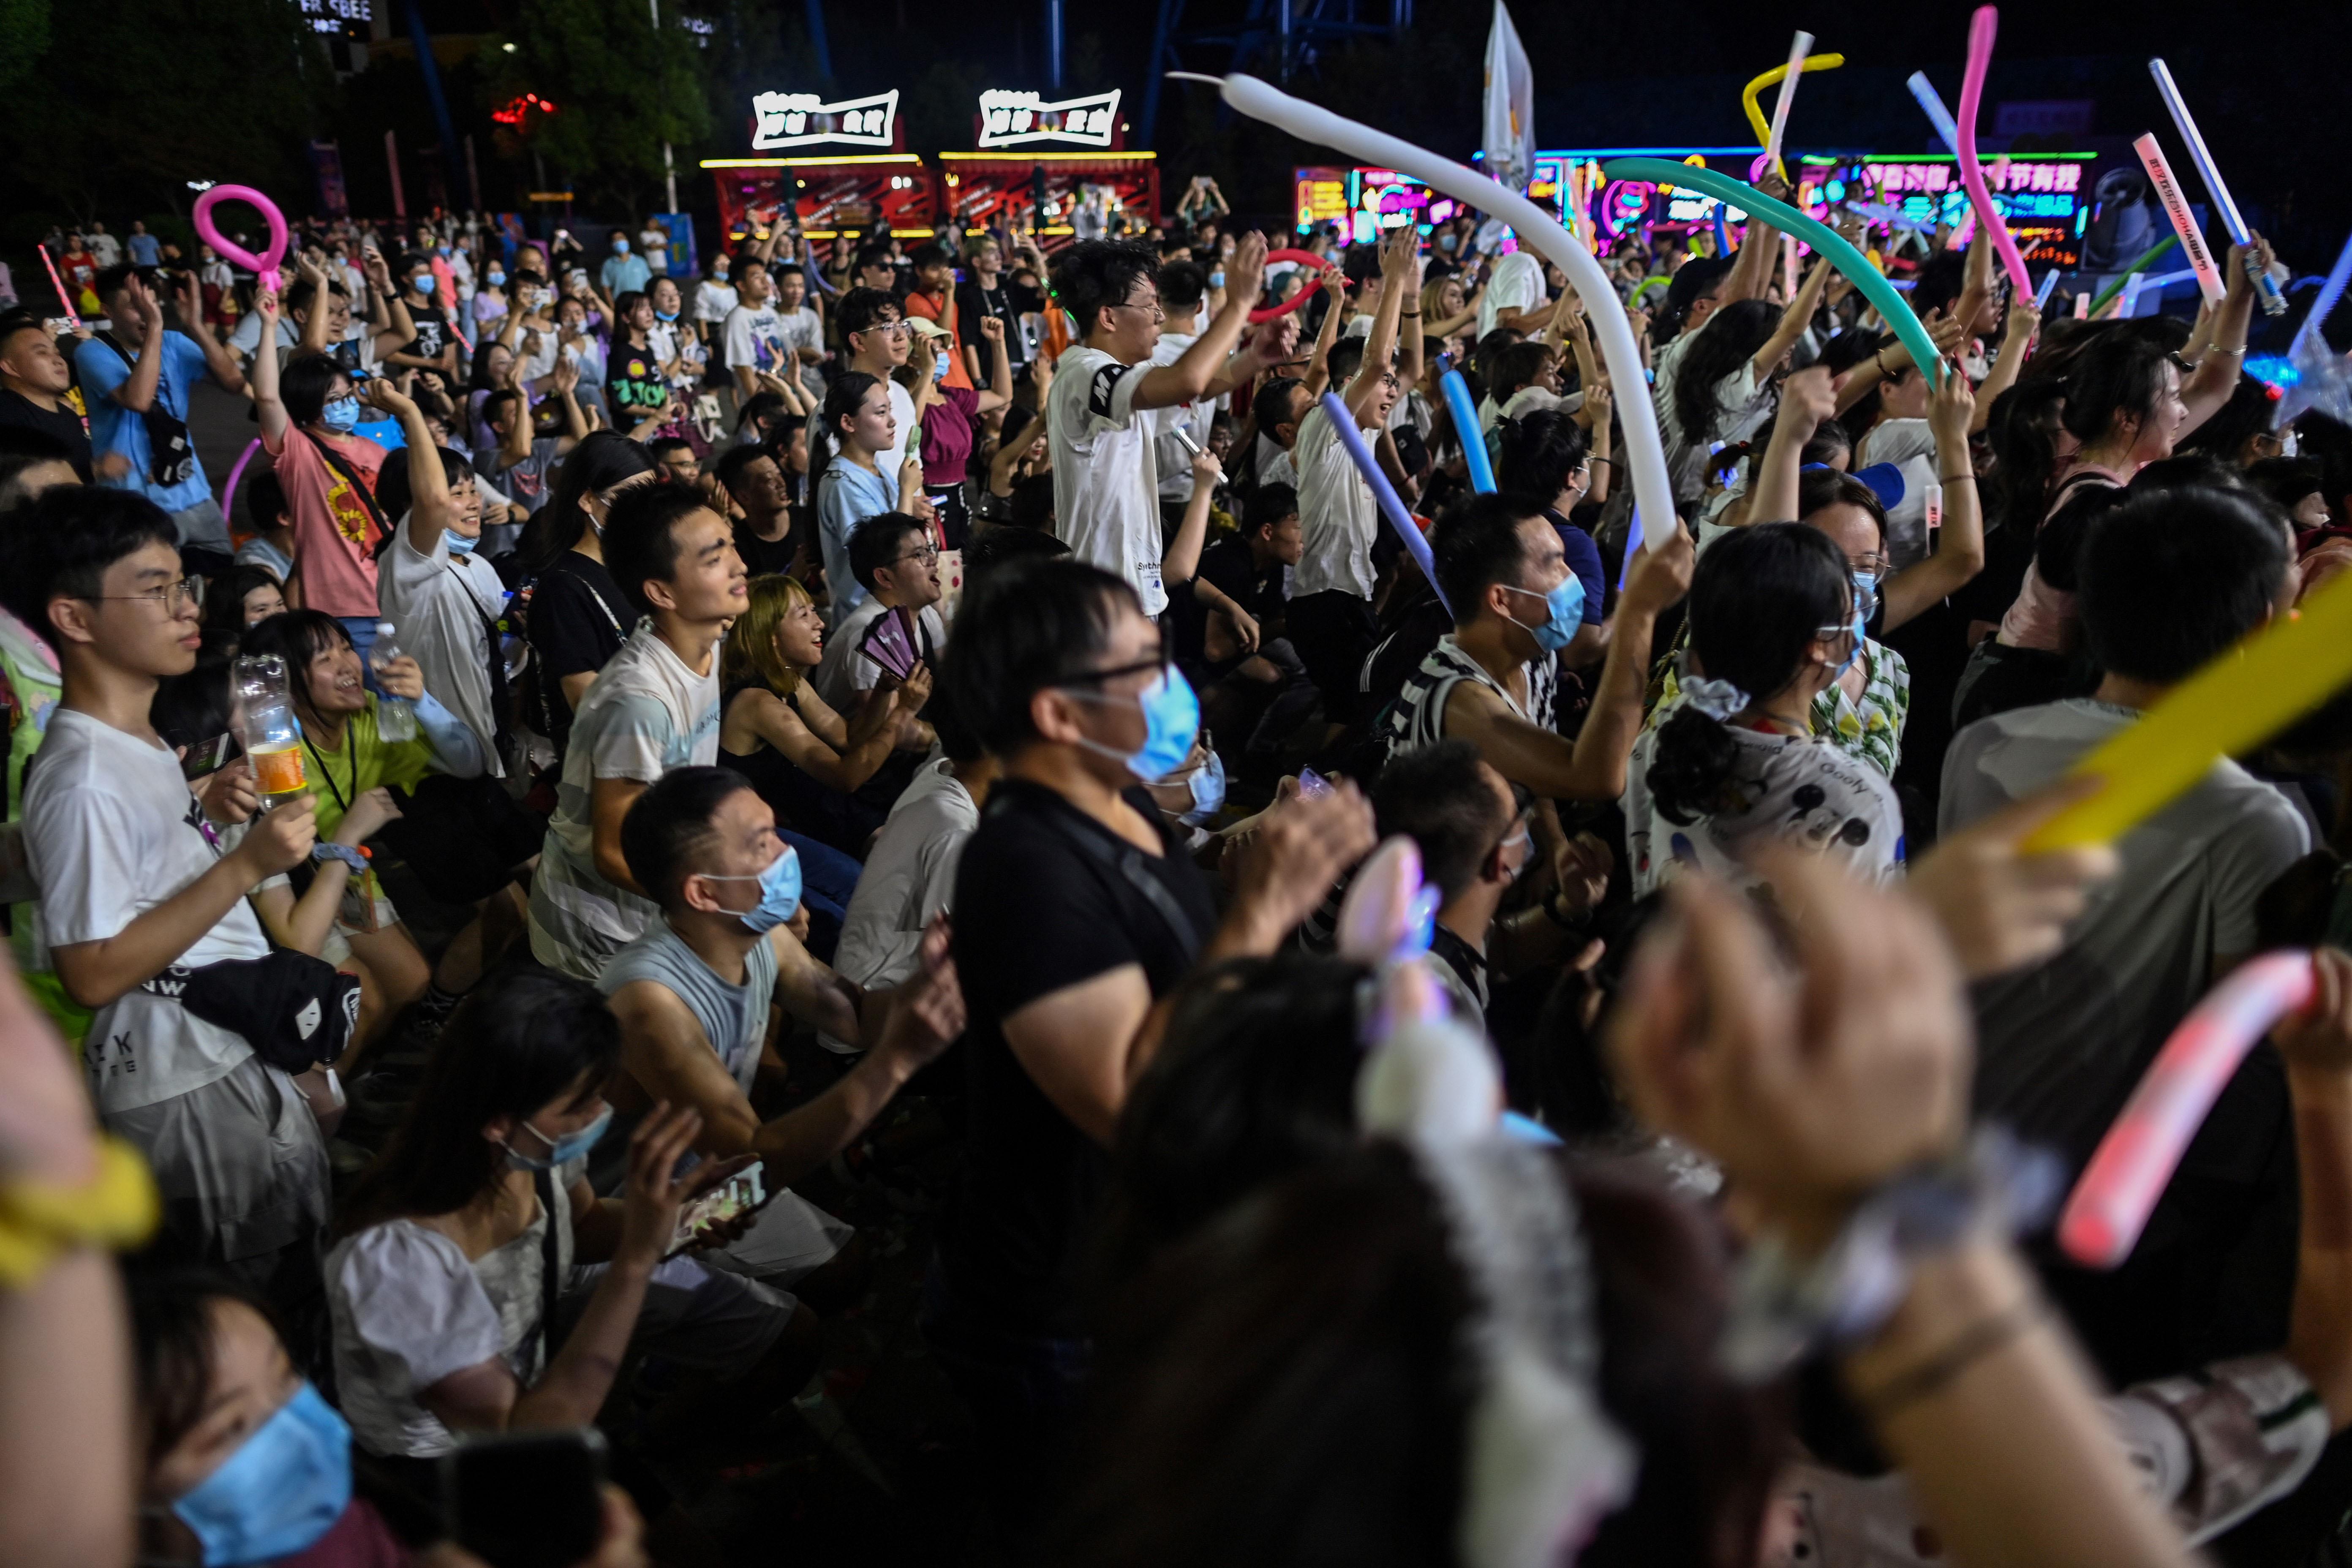 Jóvenes bailando en una fiesta tecno, puestos de comida abarrotados y embotellamientos por todas partes: el paisaje de Wuhan (centro) ya no tiene nada que ver con la atmósfera de ciudad fantasma que vivieron las costas del Yangtsé desde el 23 de enero